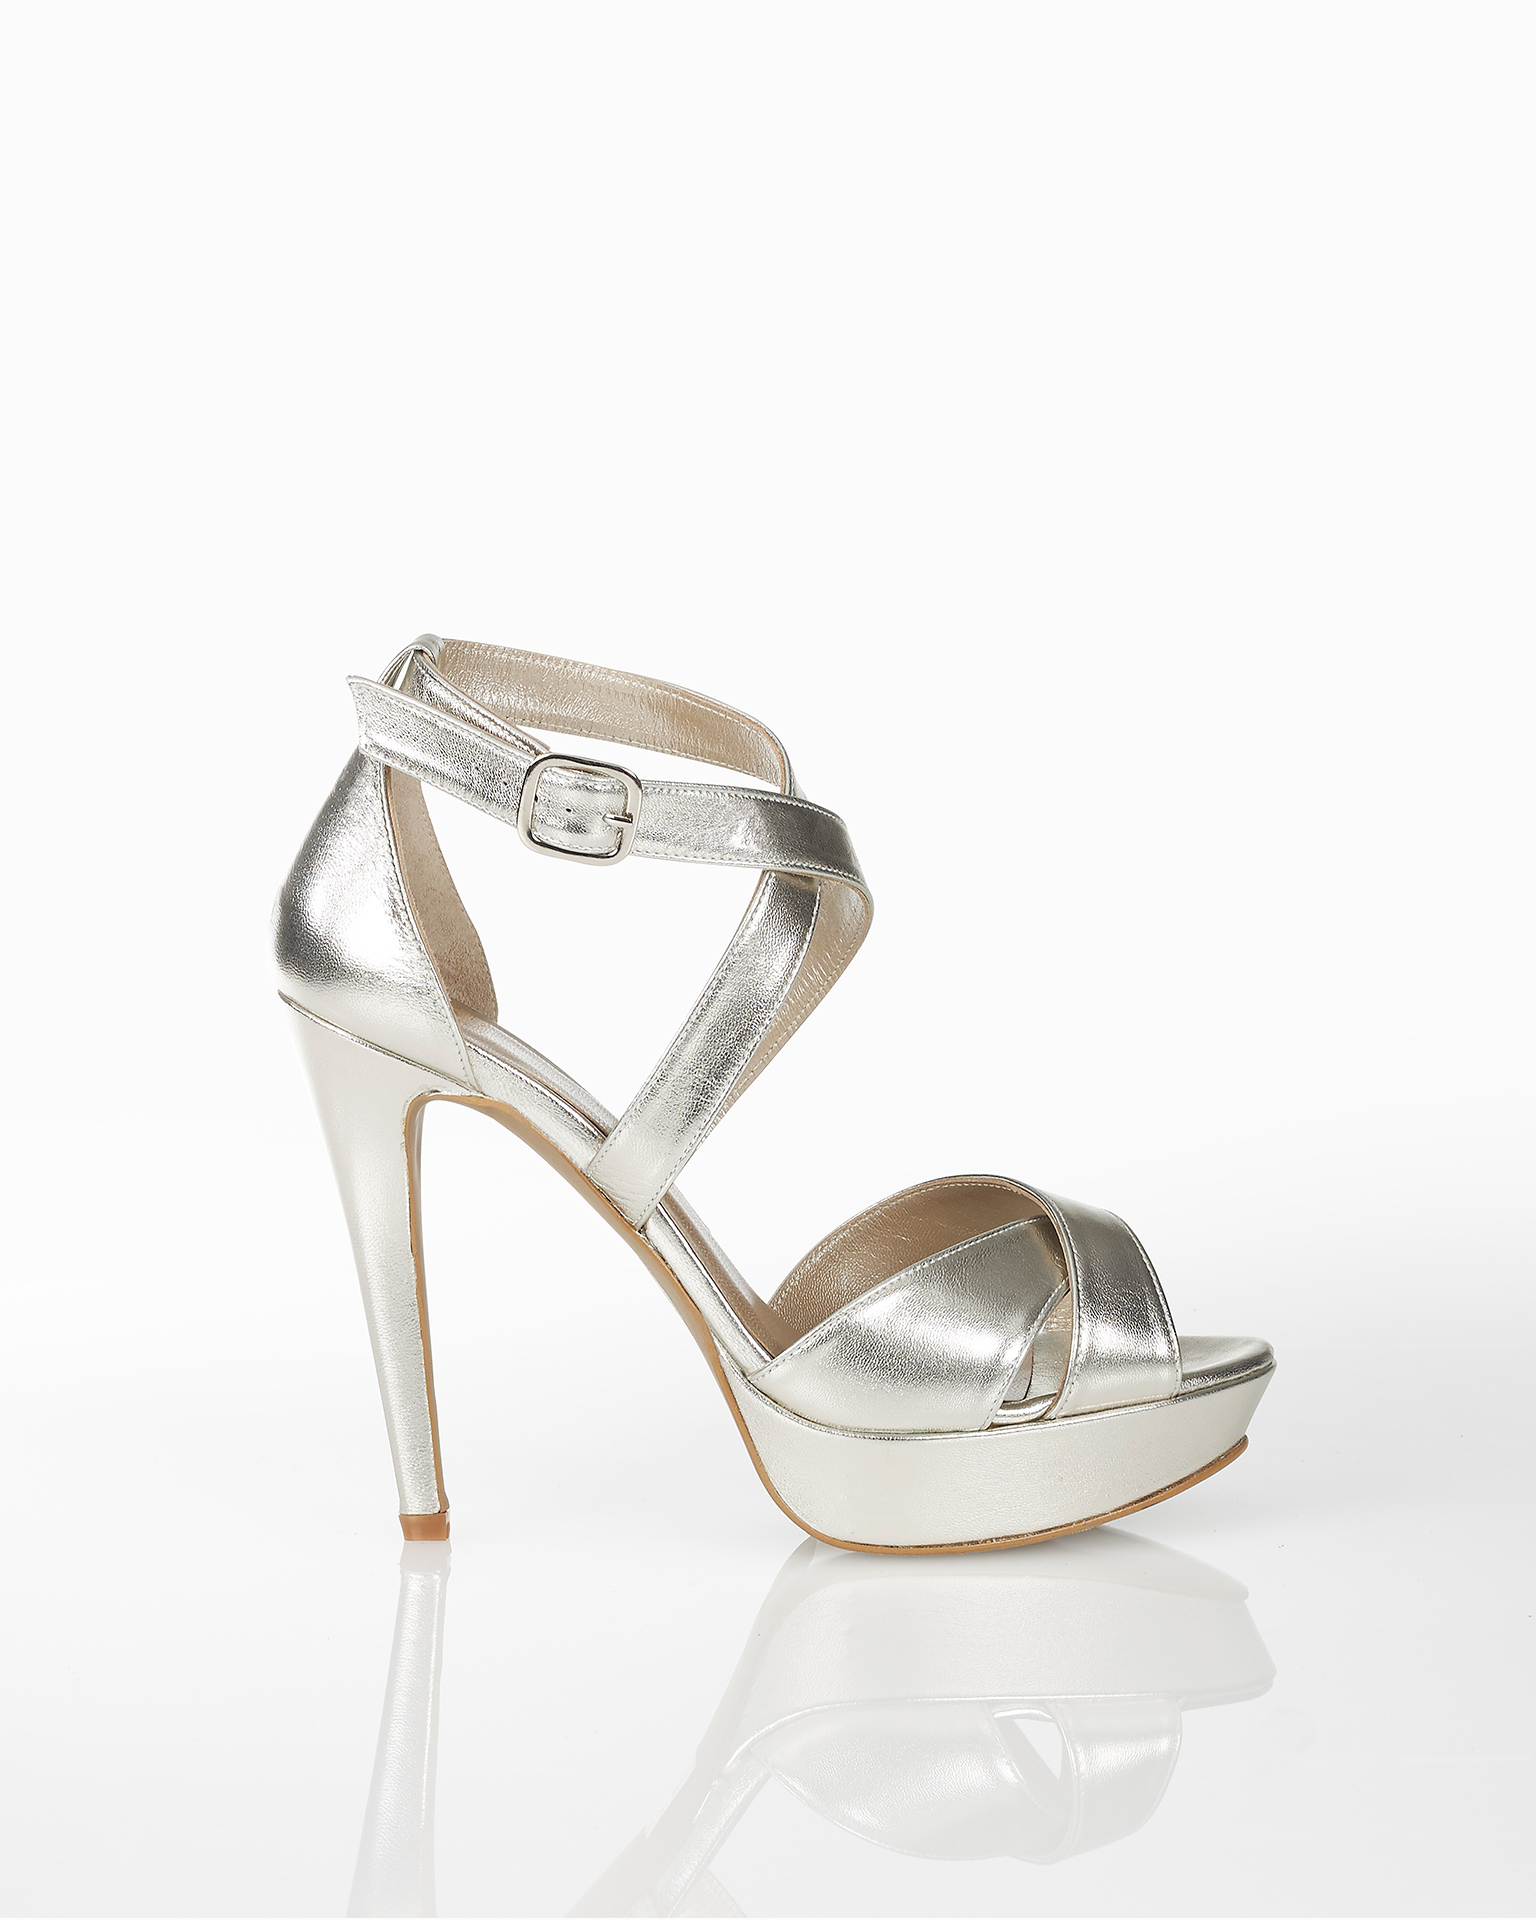 Sandálias de noiva de pele, com plataforma, salto alto e calcanhar coberto, disponíveis em cor natural, nude, dourado e prateado. Coleção AIRE BARCELONA 2018.